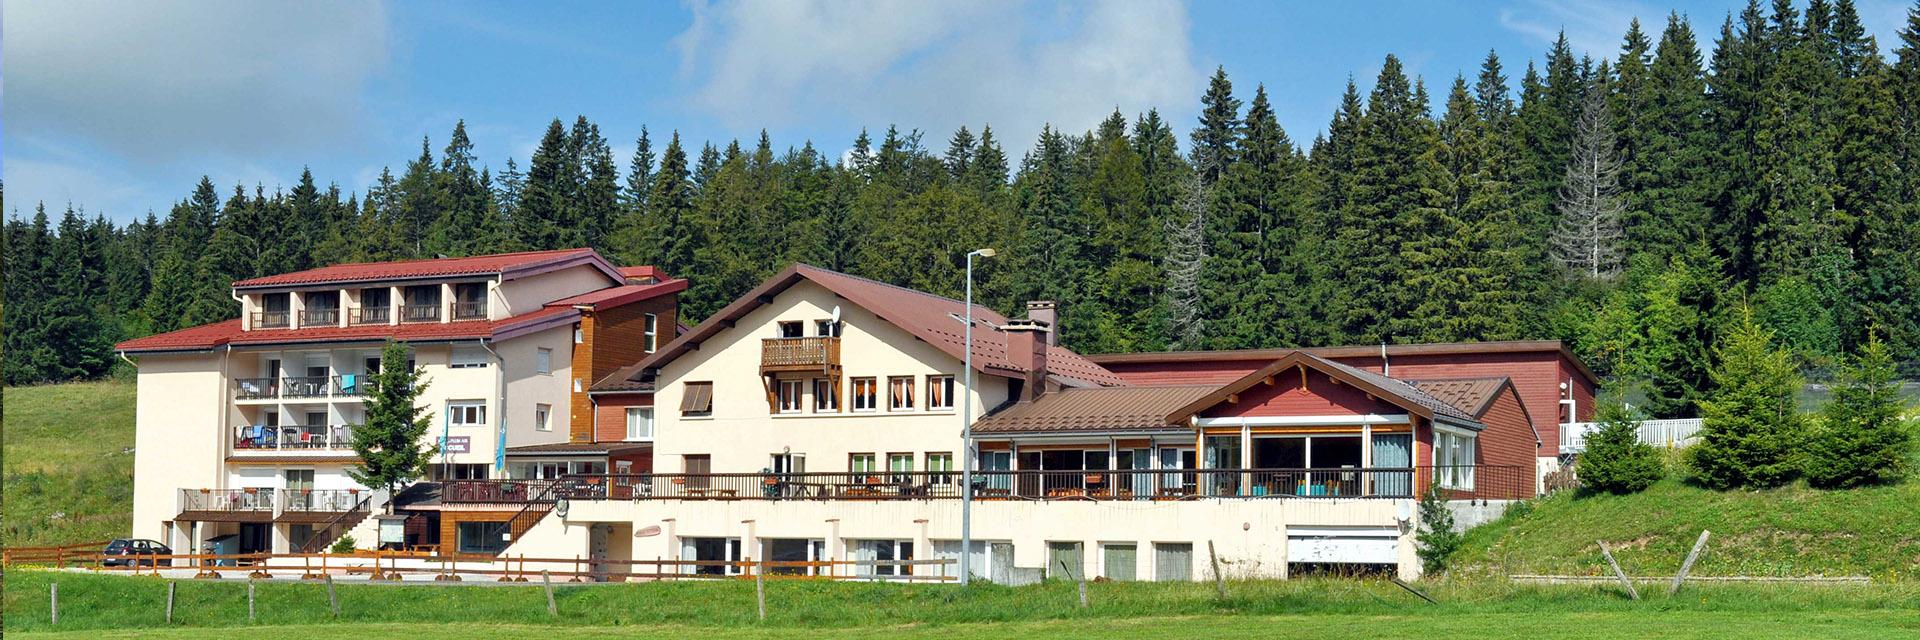 village-vacance-neige-et-plein-air-residence